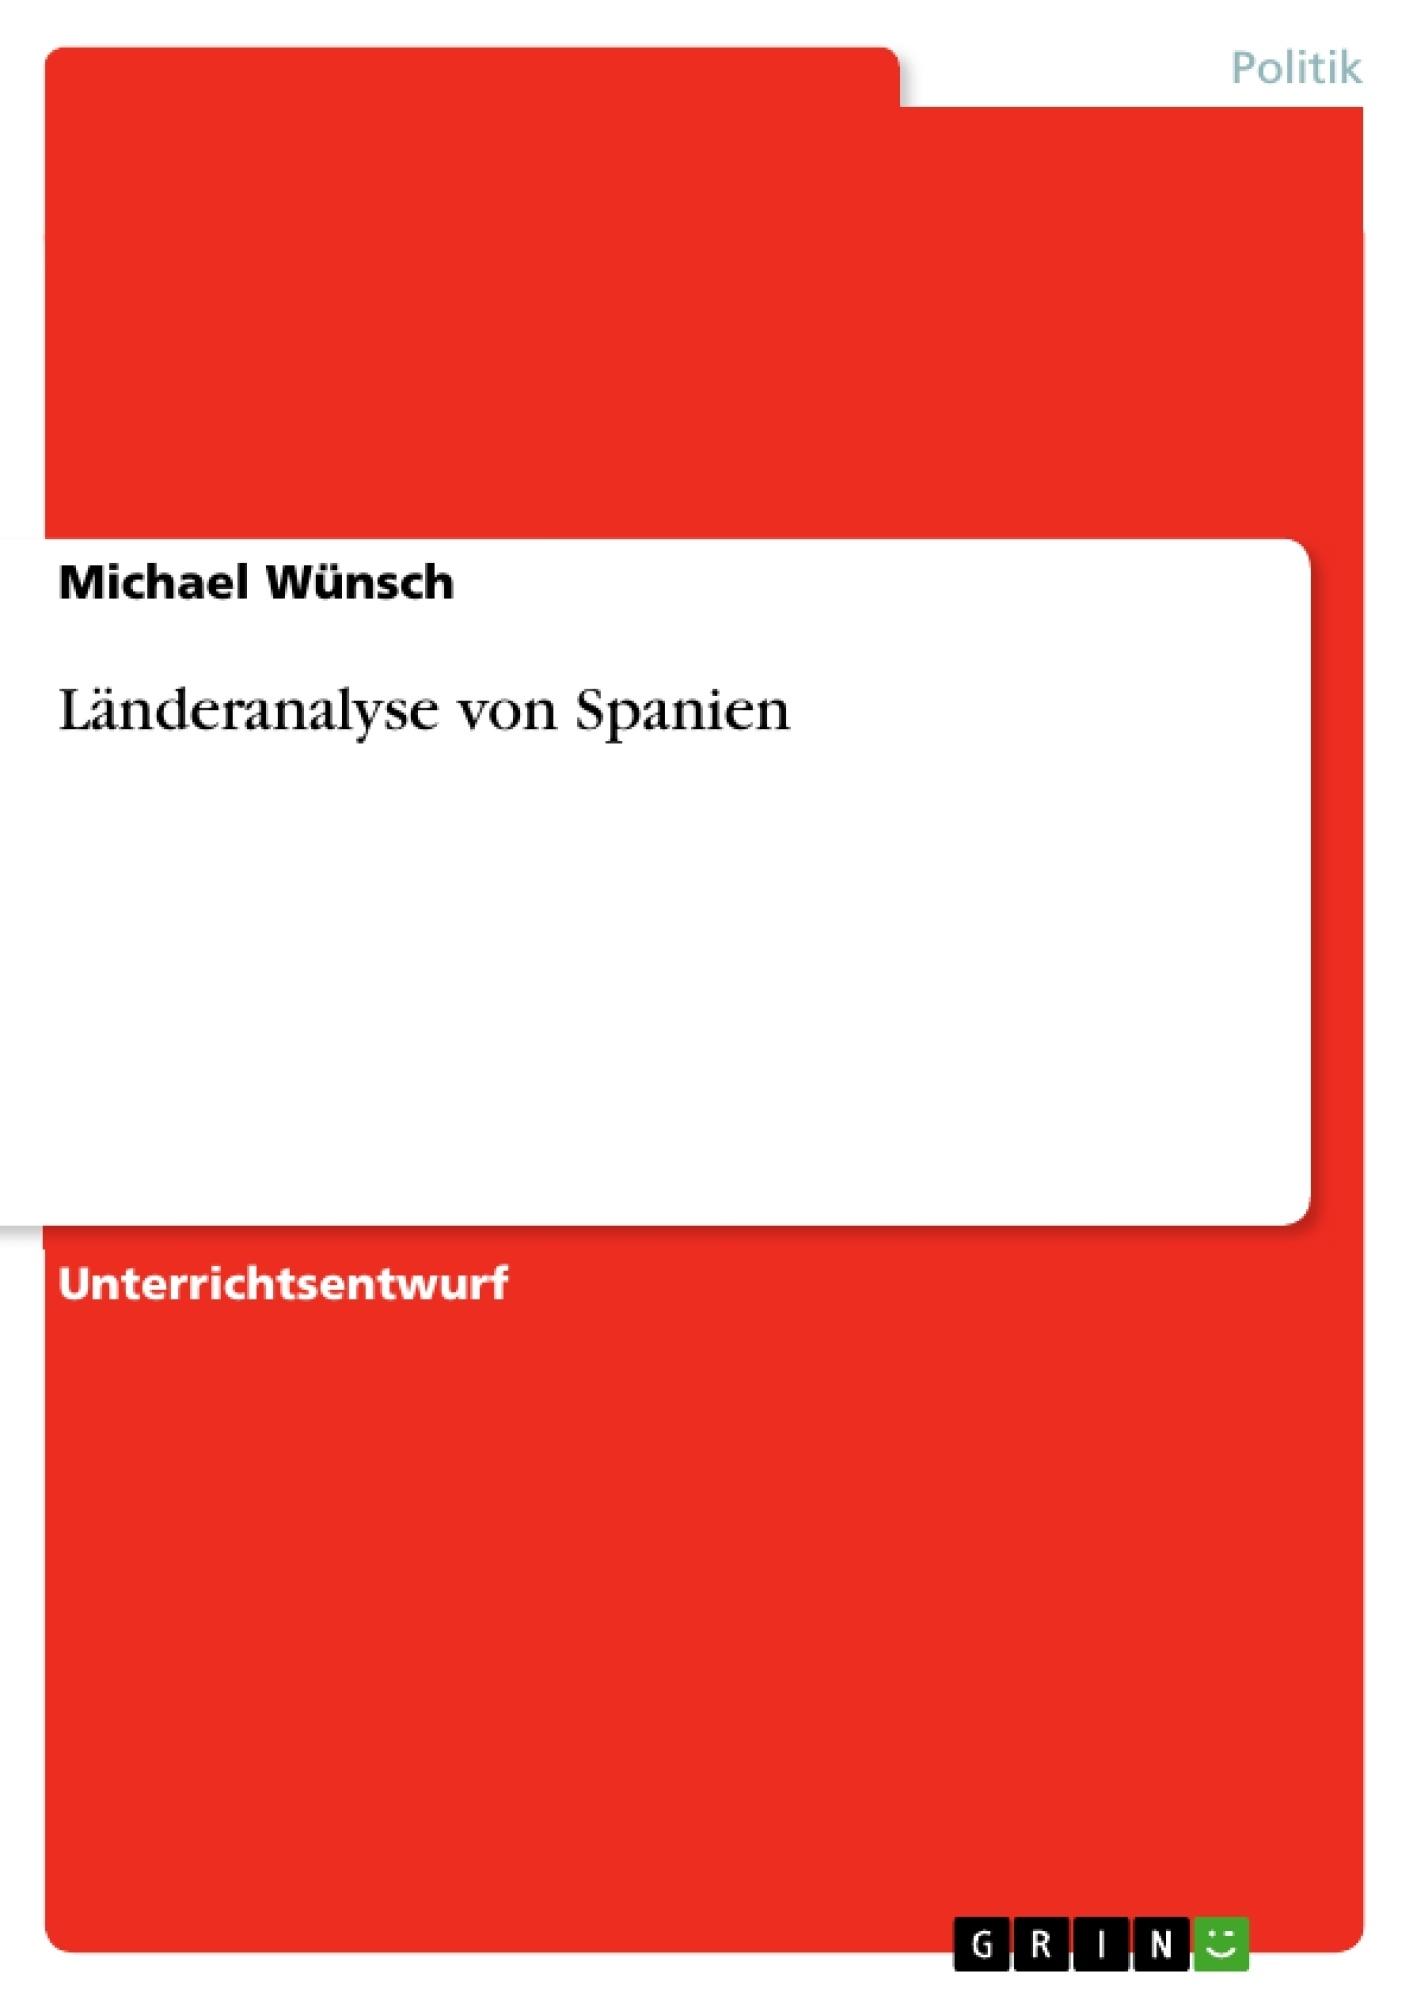 Titel: Länderanalyse von Spanien